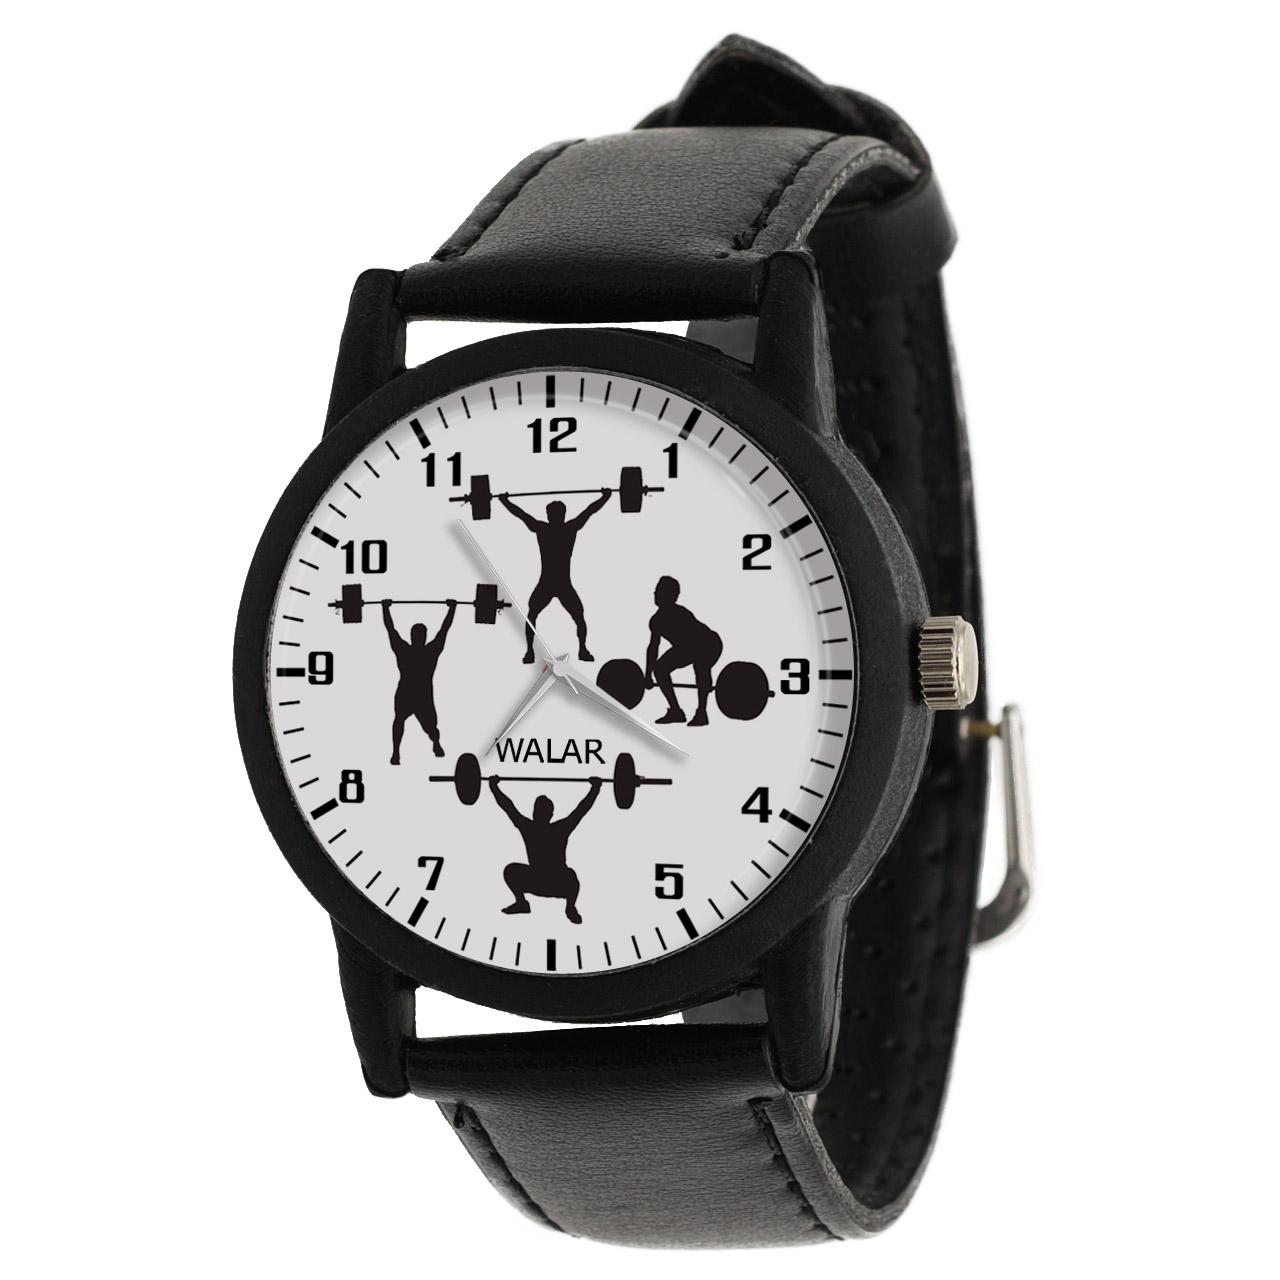 ساعت مچی عقربه ای مردانه والار طرح وزنه برداری کد LF2224